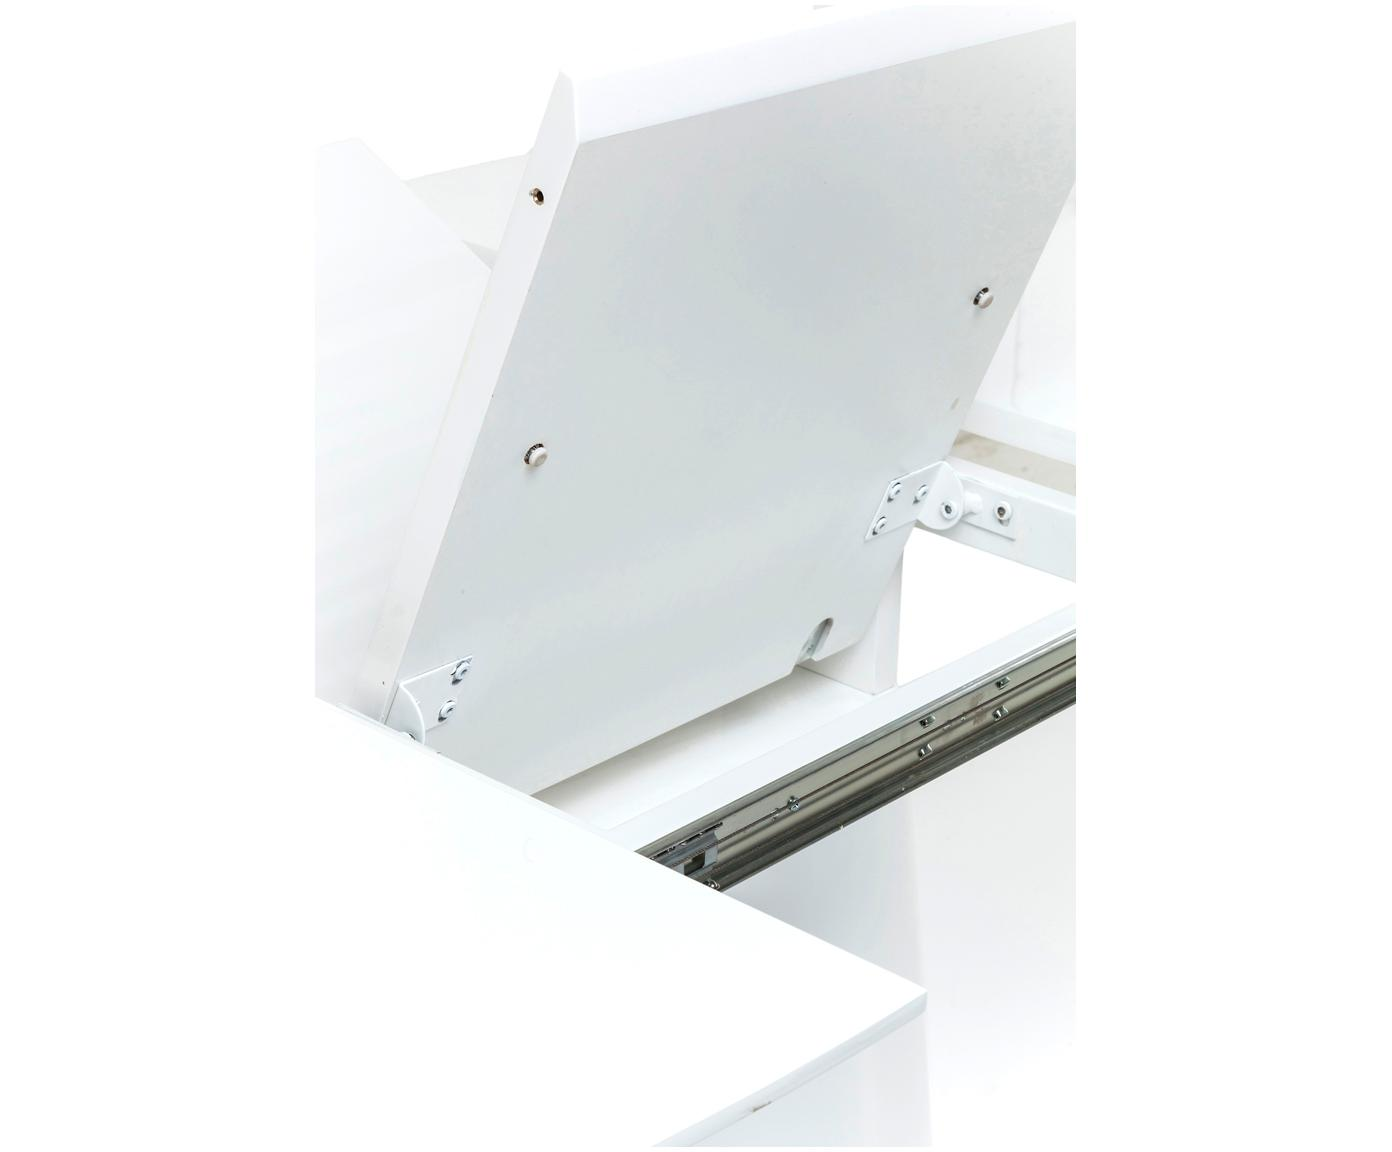 Tavolo ovale allungabile Benvenuto, Pannello di fibra a media densità (MDF) verniciato, Bianco, Larg. 200 a 250 x Prof. 110 cm